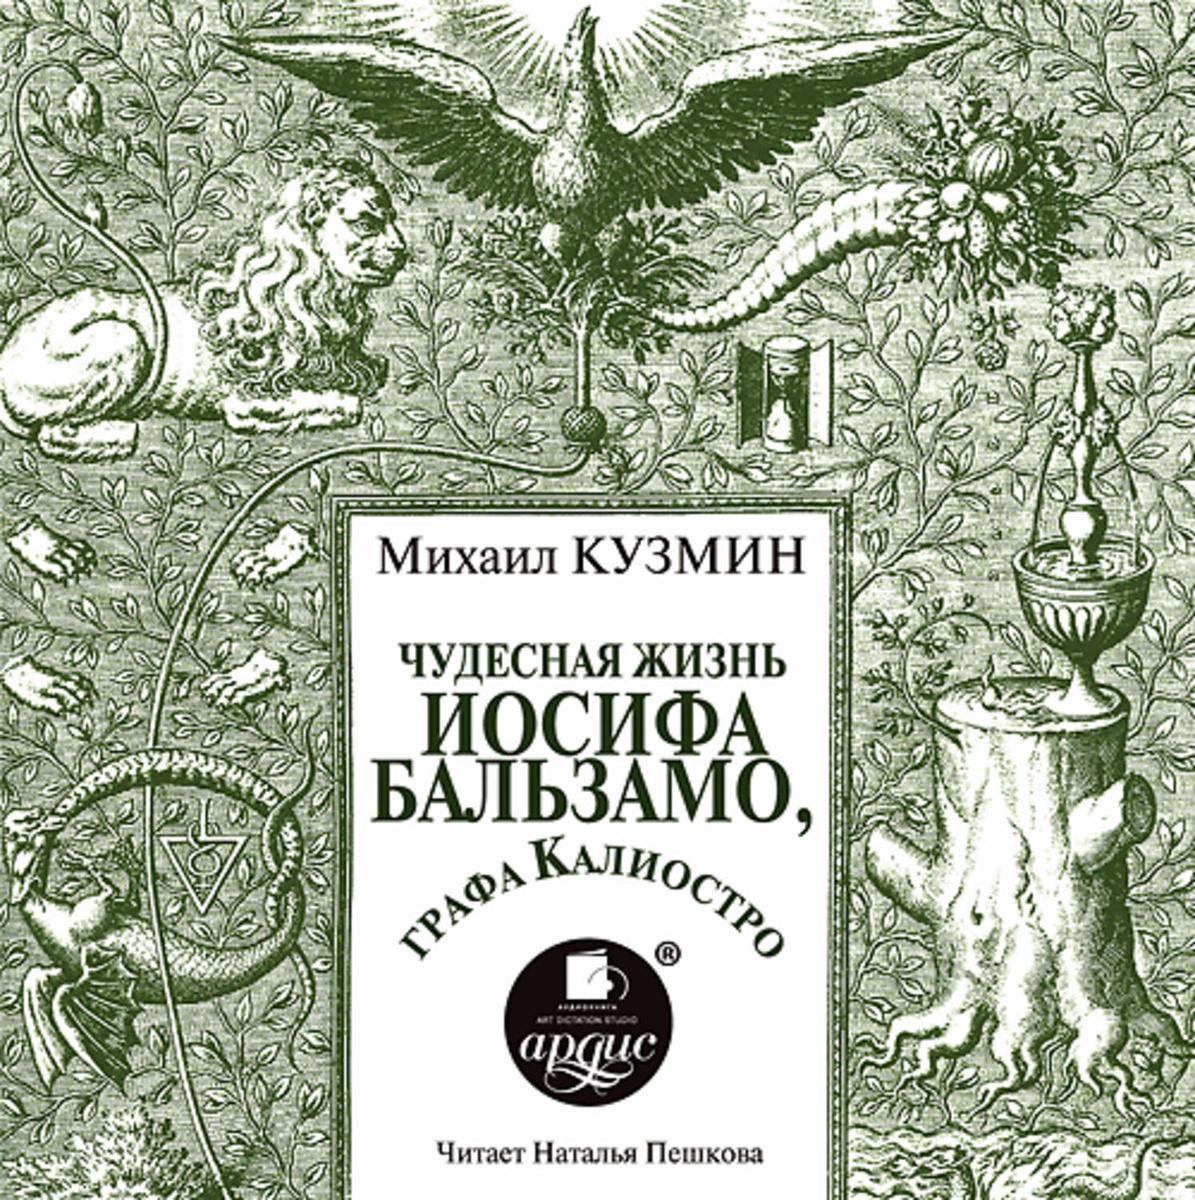 Чудесная жизнь Иосифа Бальзамо, графа Калиостро | Кузмин Михаил Алексеевич  #1